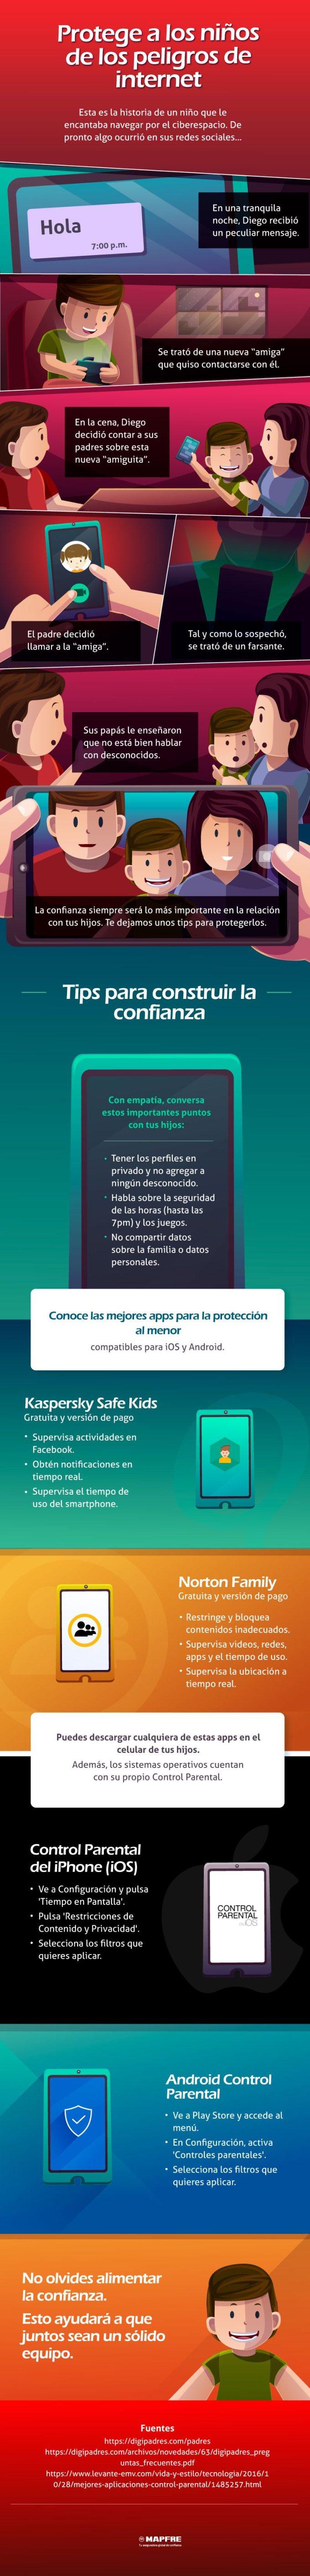 Niños - Peligros en Internet